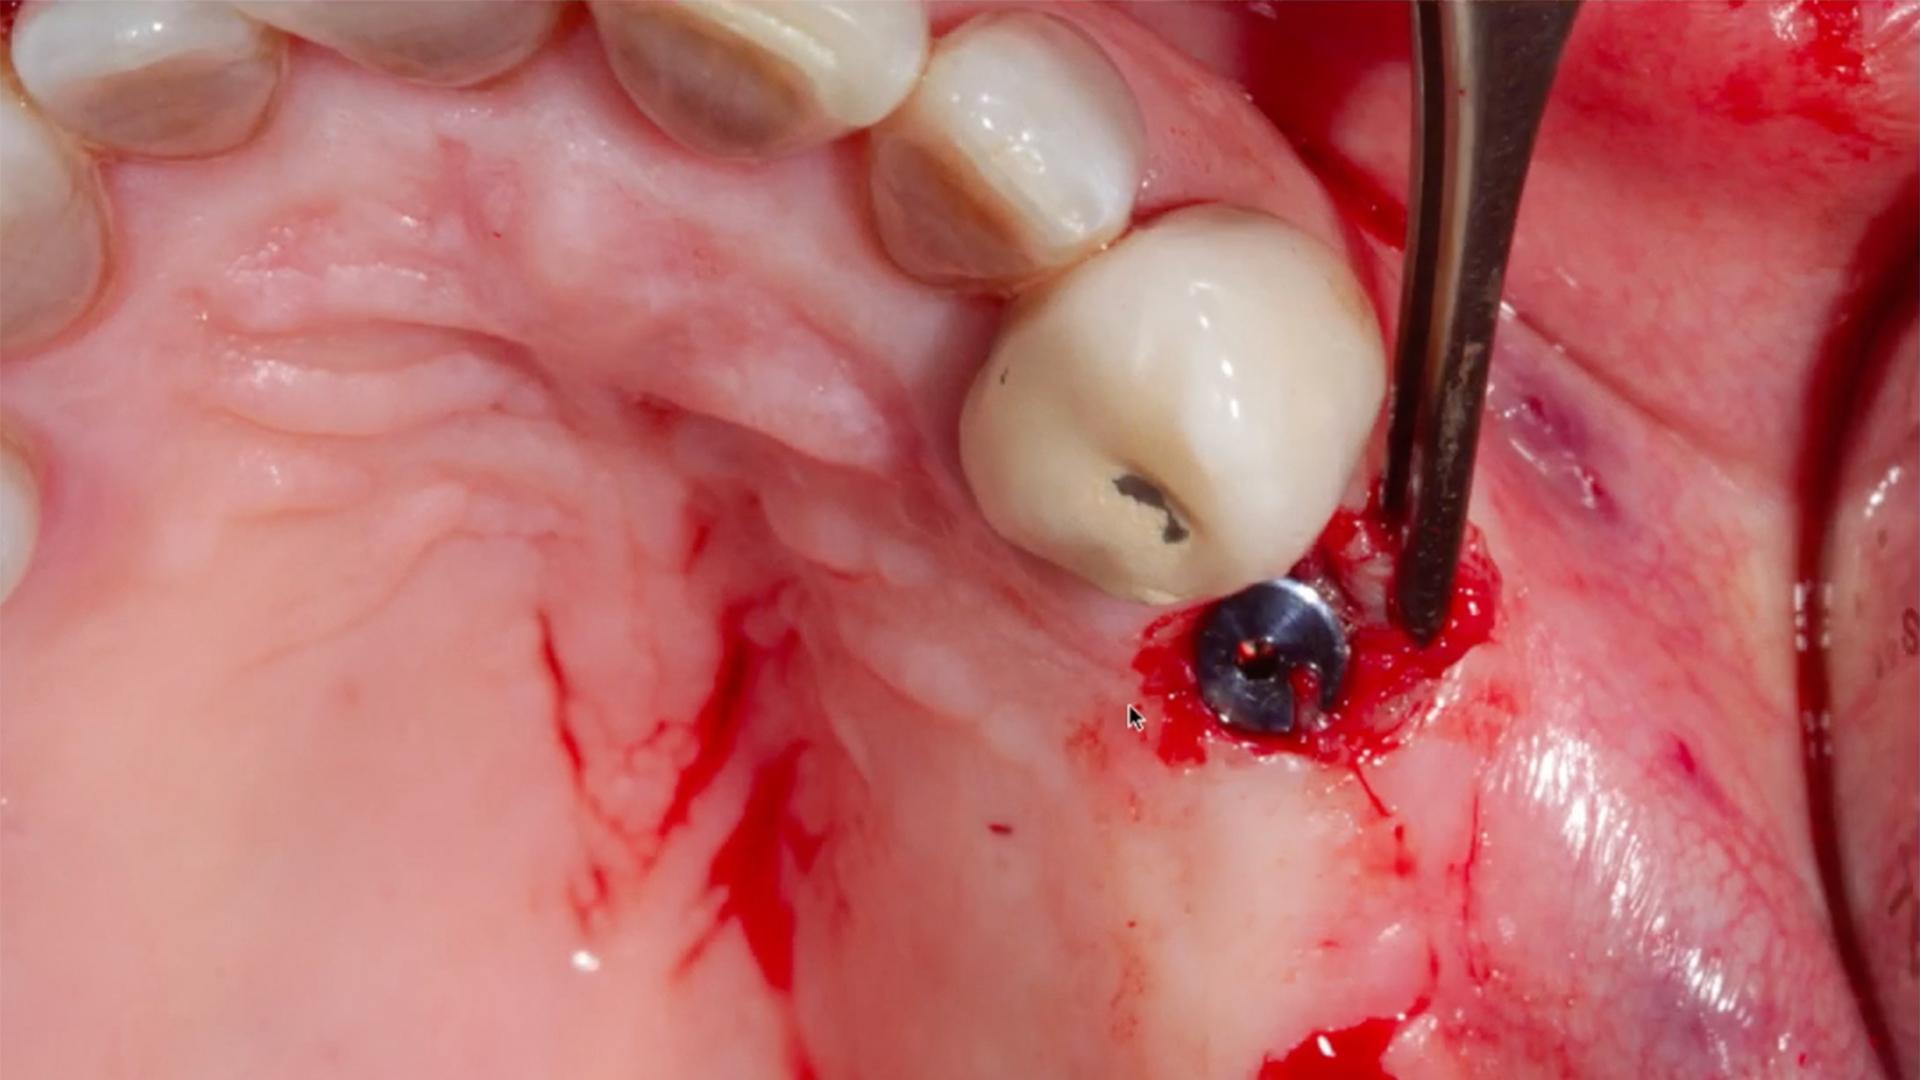 En esta Masterclass<b>Colocación de implantes con elevación de seno crestal (III)</b>,impartida por el doctor Óscar Alonso, pondremos sobre la mesa un caso de fracaso de un antiguo puente dentosoportado en las piezas 23x25x27 y encontraremos la solución mediante la <b>elevación de seno crestal</b> y la colocación de implantes. <br /><br /> La <b>elevación del seno crestal</b> y la colocación de injertos óseos es un procedimiento que permite la colocación de implantes dentales en casos en los que la altura ósea del maxilar es insuficiente. Gracias a esta Masterclass <b>Colocación de implantes con elevación de seno crestal (III)</b> podrás aprender a realizar una correcta <b>elevación del seno crestal</b> y así poder colocar conveniente el implante según las características particulares de cada paciente que acude a la clínica dental. En definitiva, saber llevar a cabo cada paso a seguir en la <b>elevación del seno crestal</b> en tratamientos implantológicos te facilitará tu trabajo como odontólogo obteniendo mejores resultados en la colocación de implantes dentales. <br /><br /> Todas nuestras Masterclass están impartidas por los mayores expertos en odontología. Gracias a nuestra Masterclass<b>Colocación de implantes con elevación de seno crestal(III)</b>y otras como esta, que forman parte de la serie<b>Cirugía del seno maxilar y elevación de piso nasal</b> podrás desarrollar y actualizar tus conocimientos sobrelas técnicas quirúrgicas de <b>elevación sinusal</b>,alcanzando una formación avanzada y permitiéndote profundizar enlos aspectos a tener en cuenta en la <b>cirugía del seno maxilar</b> con criterios científicos y de excelencia, abordando las últimas tendencias y técnicas más actuales en el sector odontológico. <br /><br /> Desde Knotgroup Dental Institute te invitamos a que explores a través de nuestra web y encuentres otras masterclass como <b>Colocación de implantes con elevación de seno crestal (III)</b> para actualizar tus conocimientos y aplicarlos a tu c